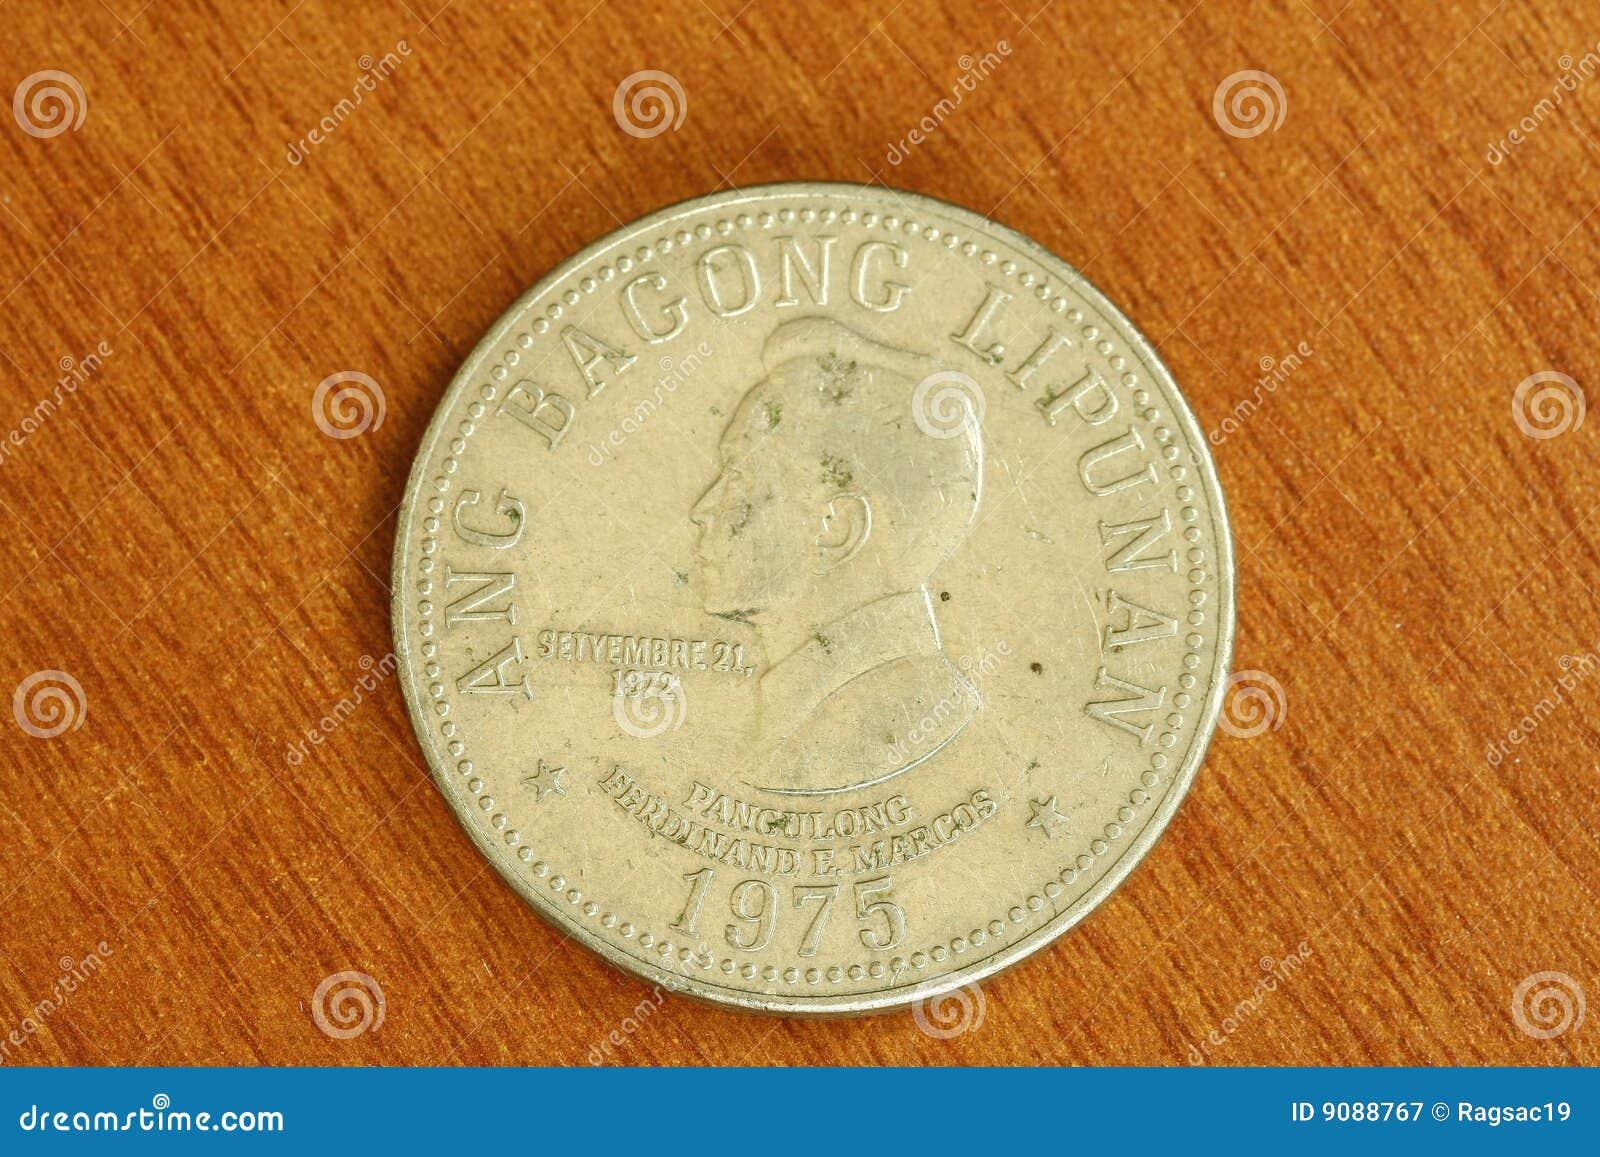 Münze Weinlese-seltene Ferdinand-Marcos